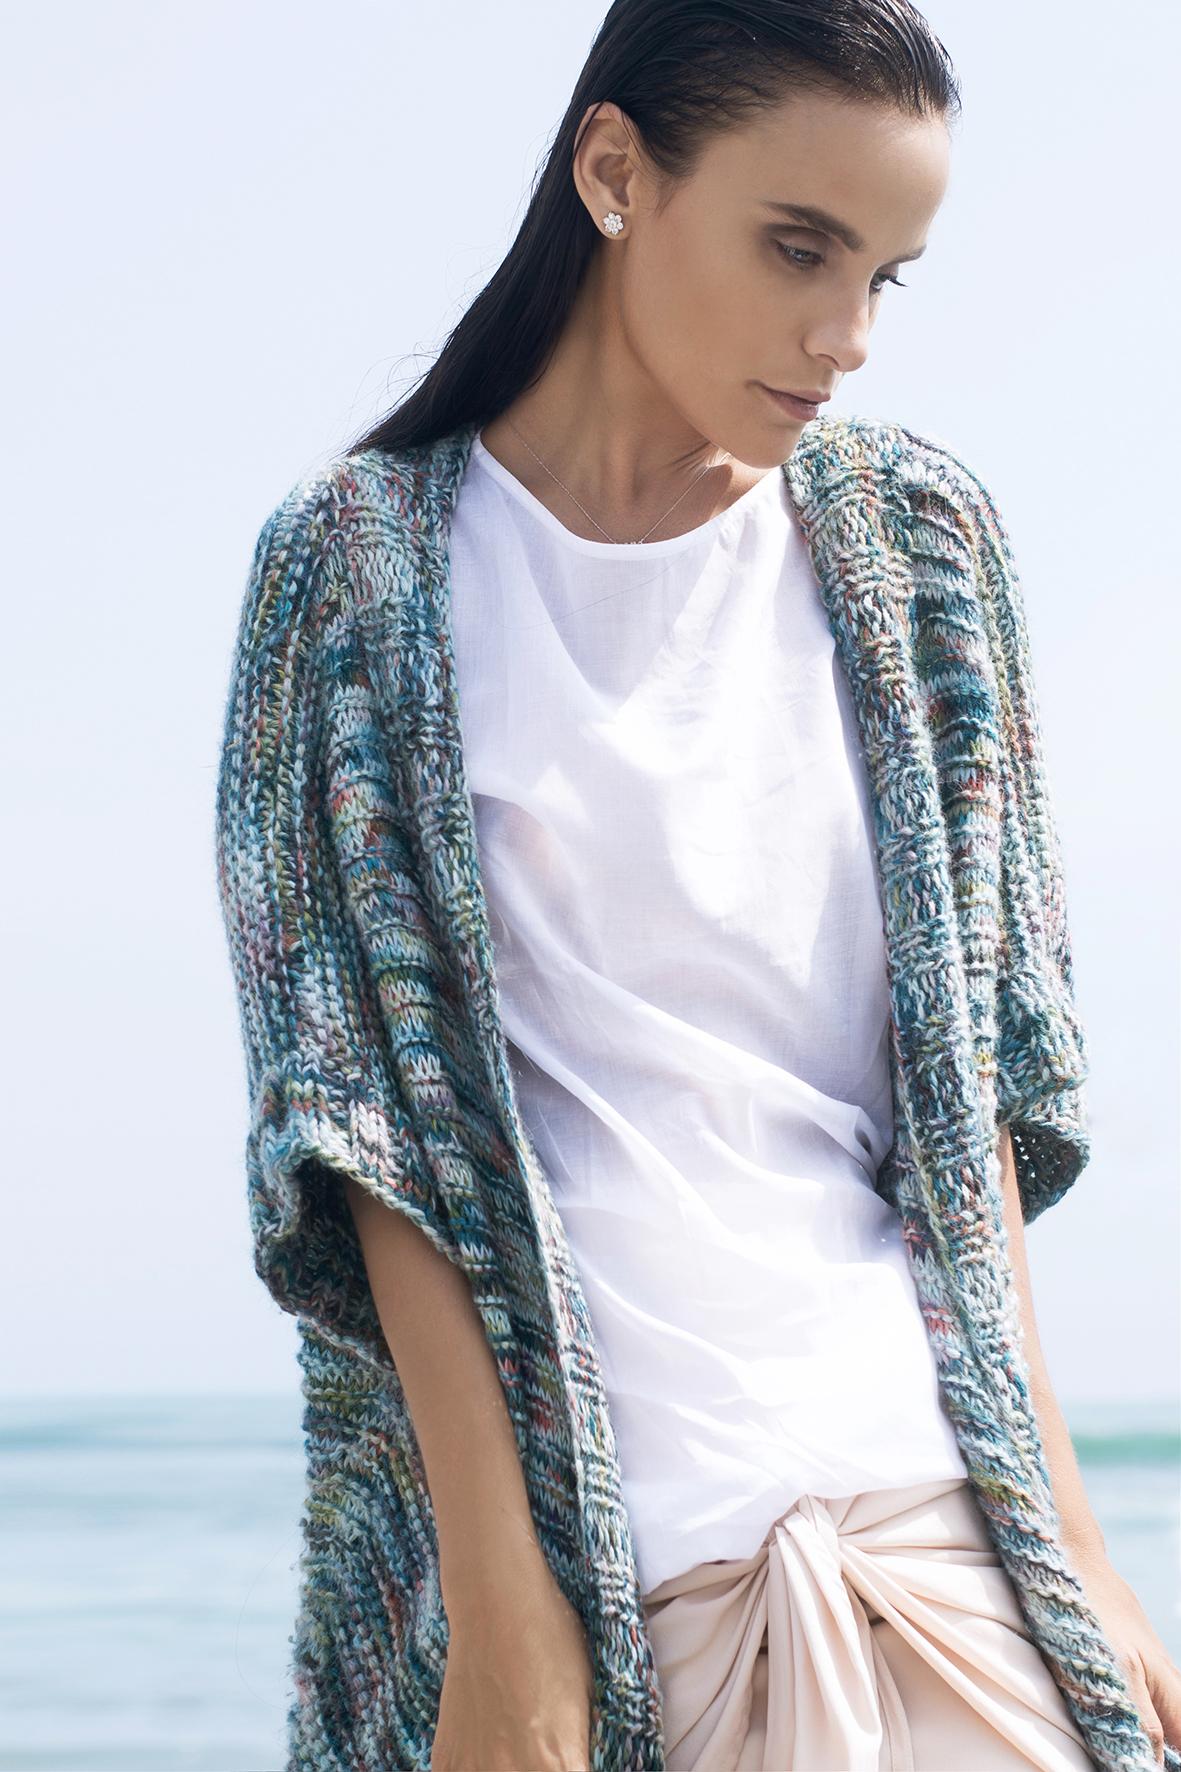 giuliana weston - modelo peruana - perú - peru moda -  fashion photography - costa verde -  005.jpg